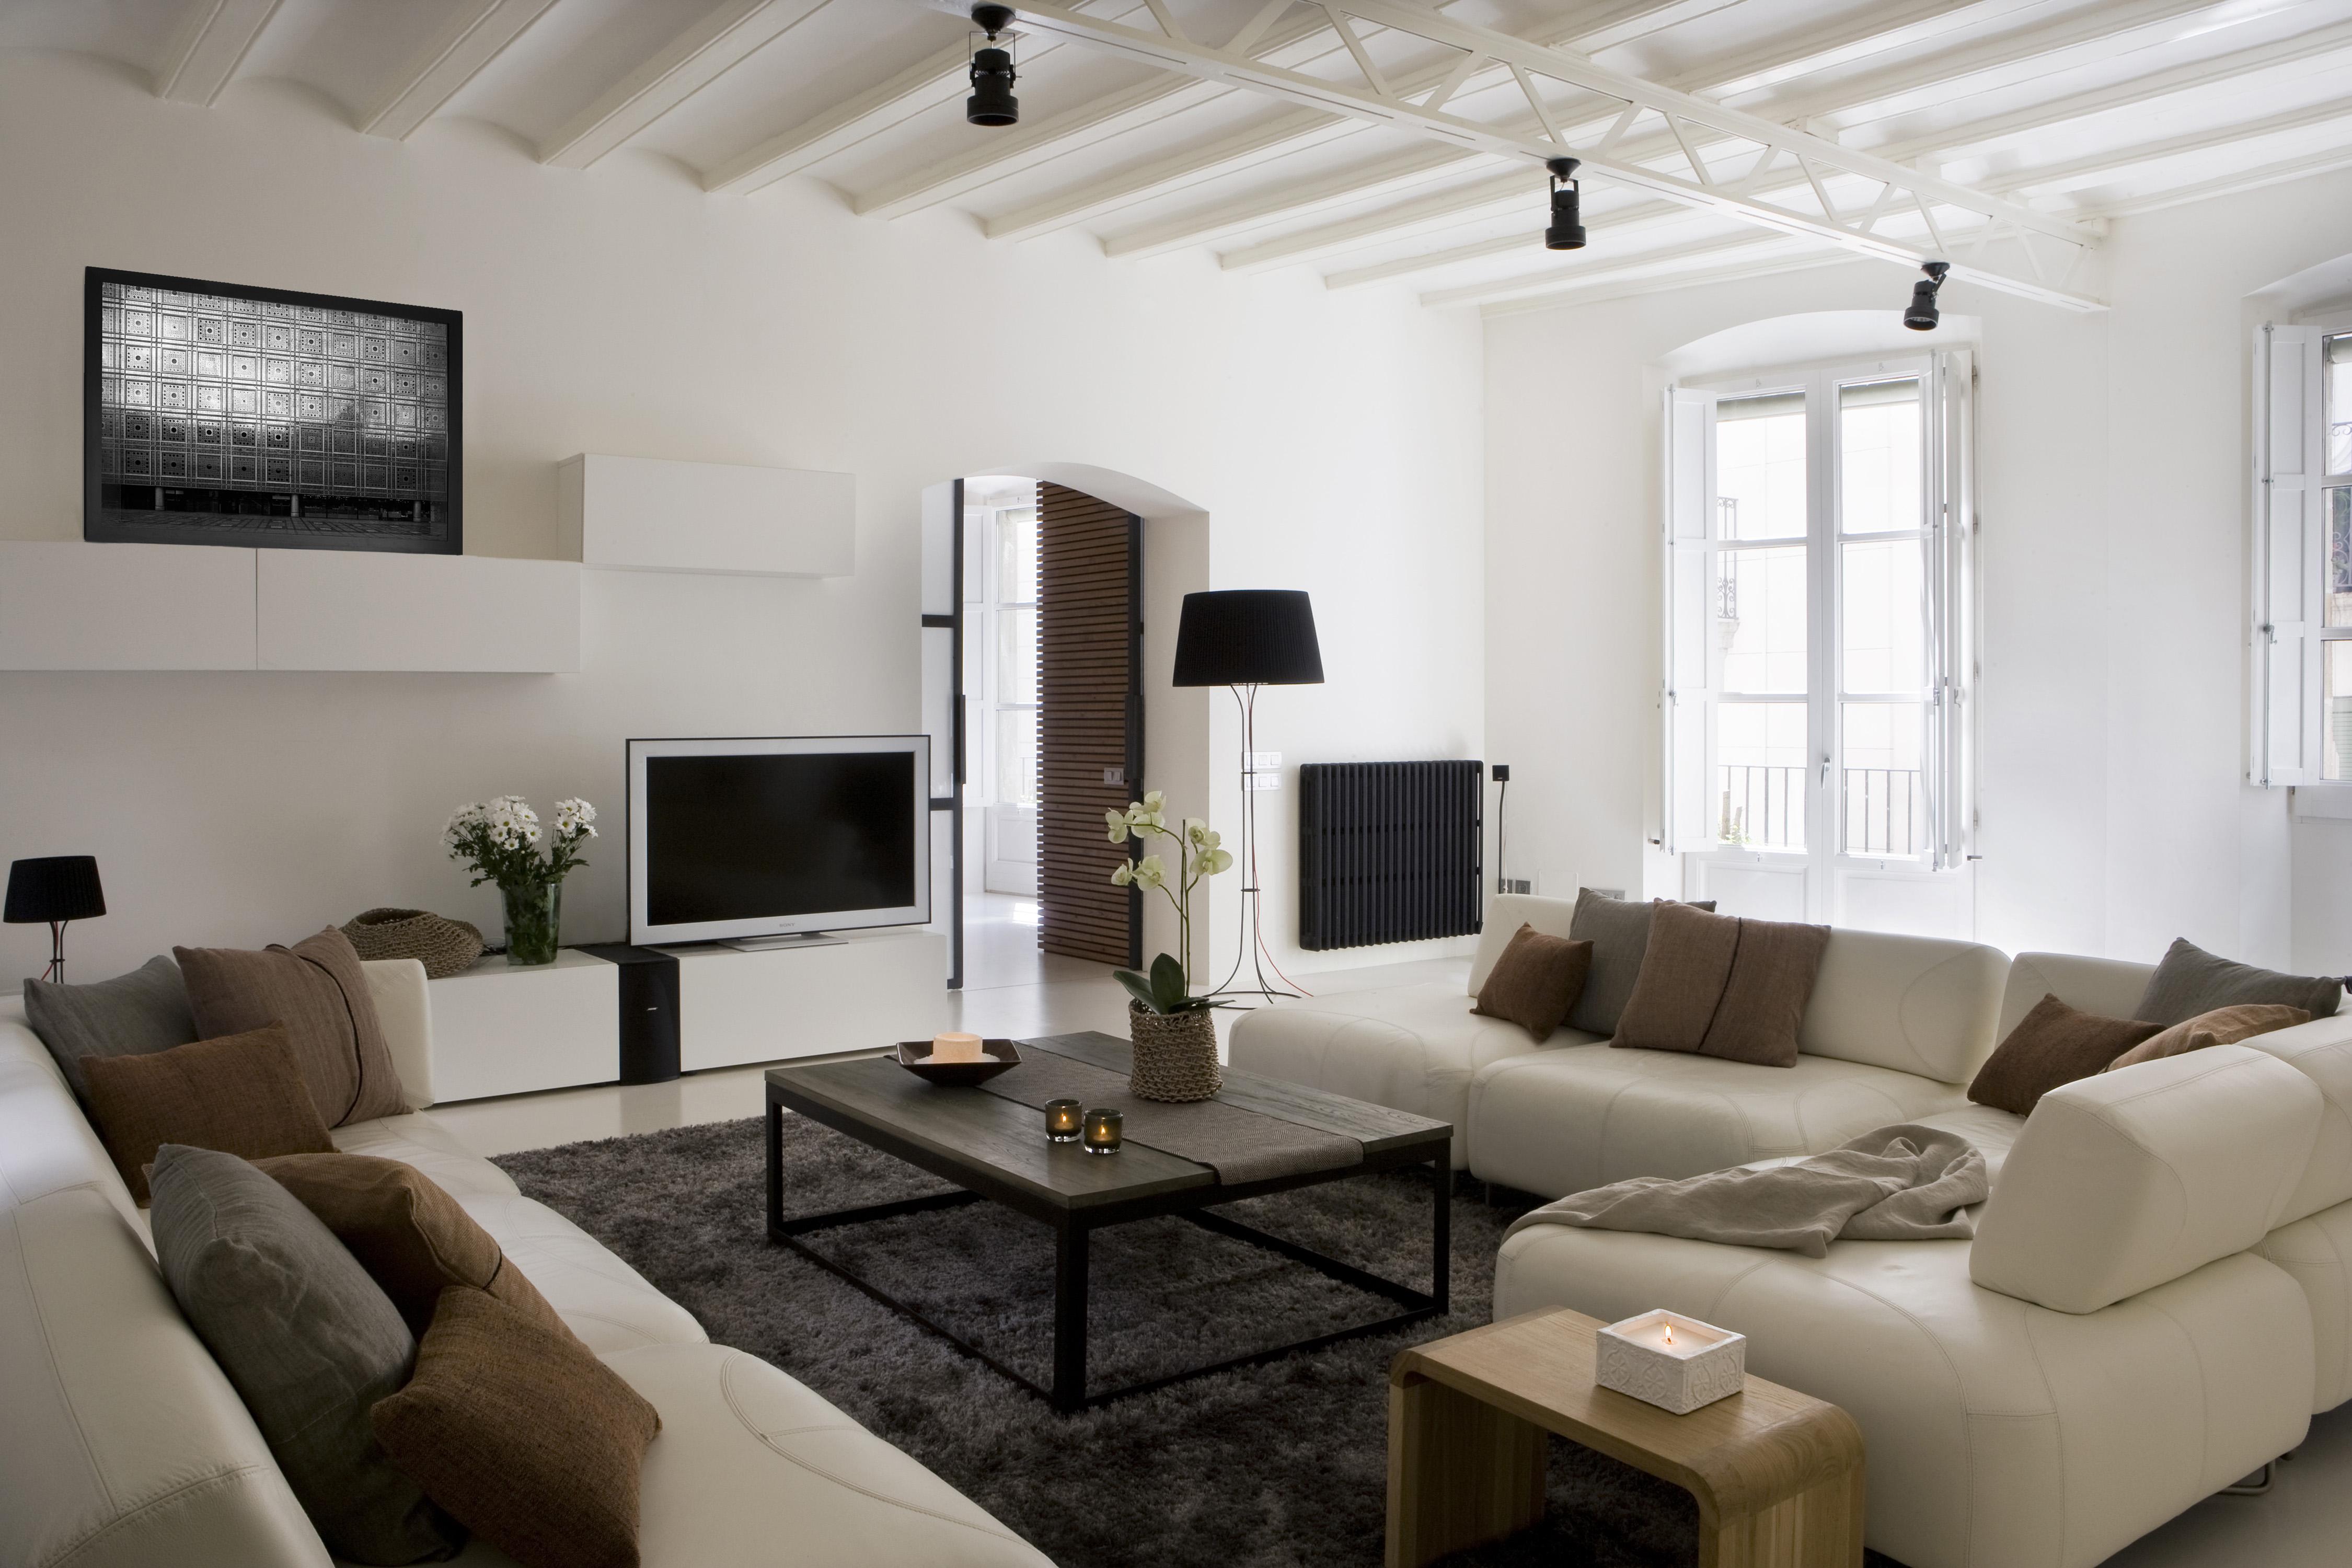 Купить квартиру в зене и испания